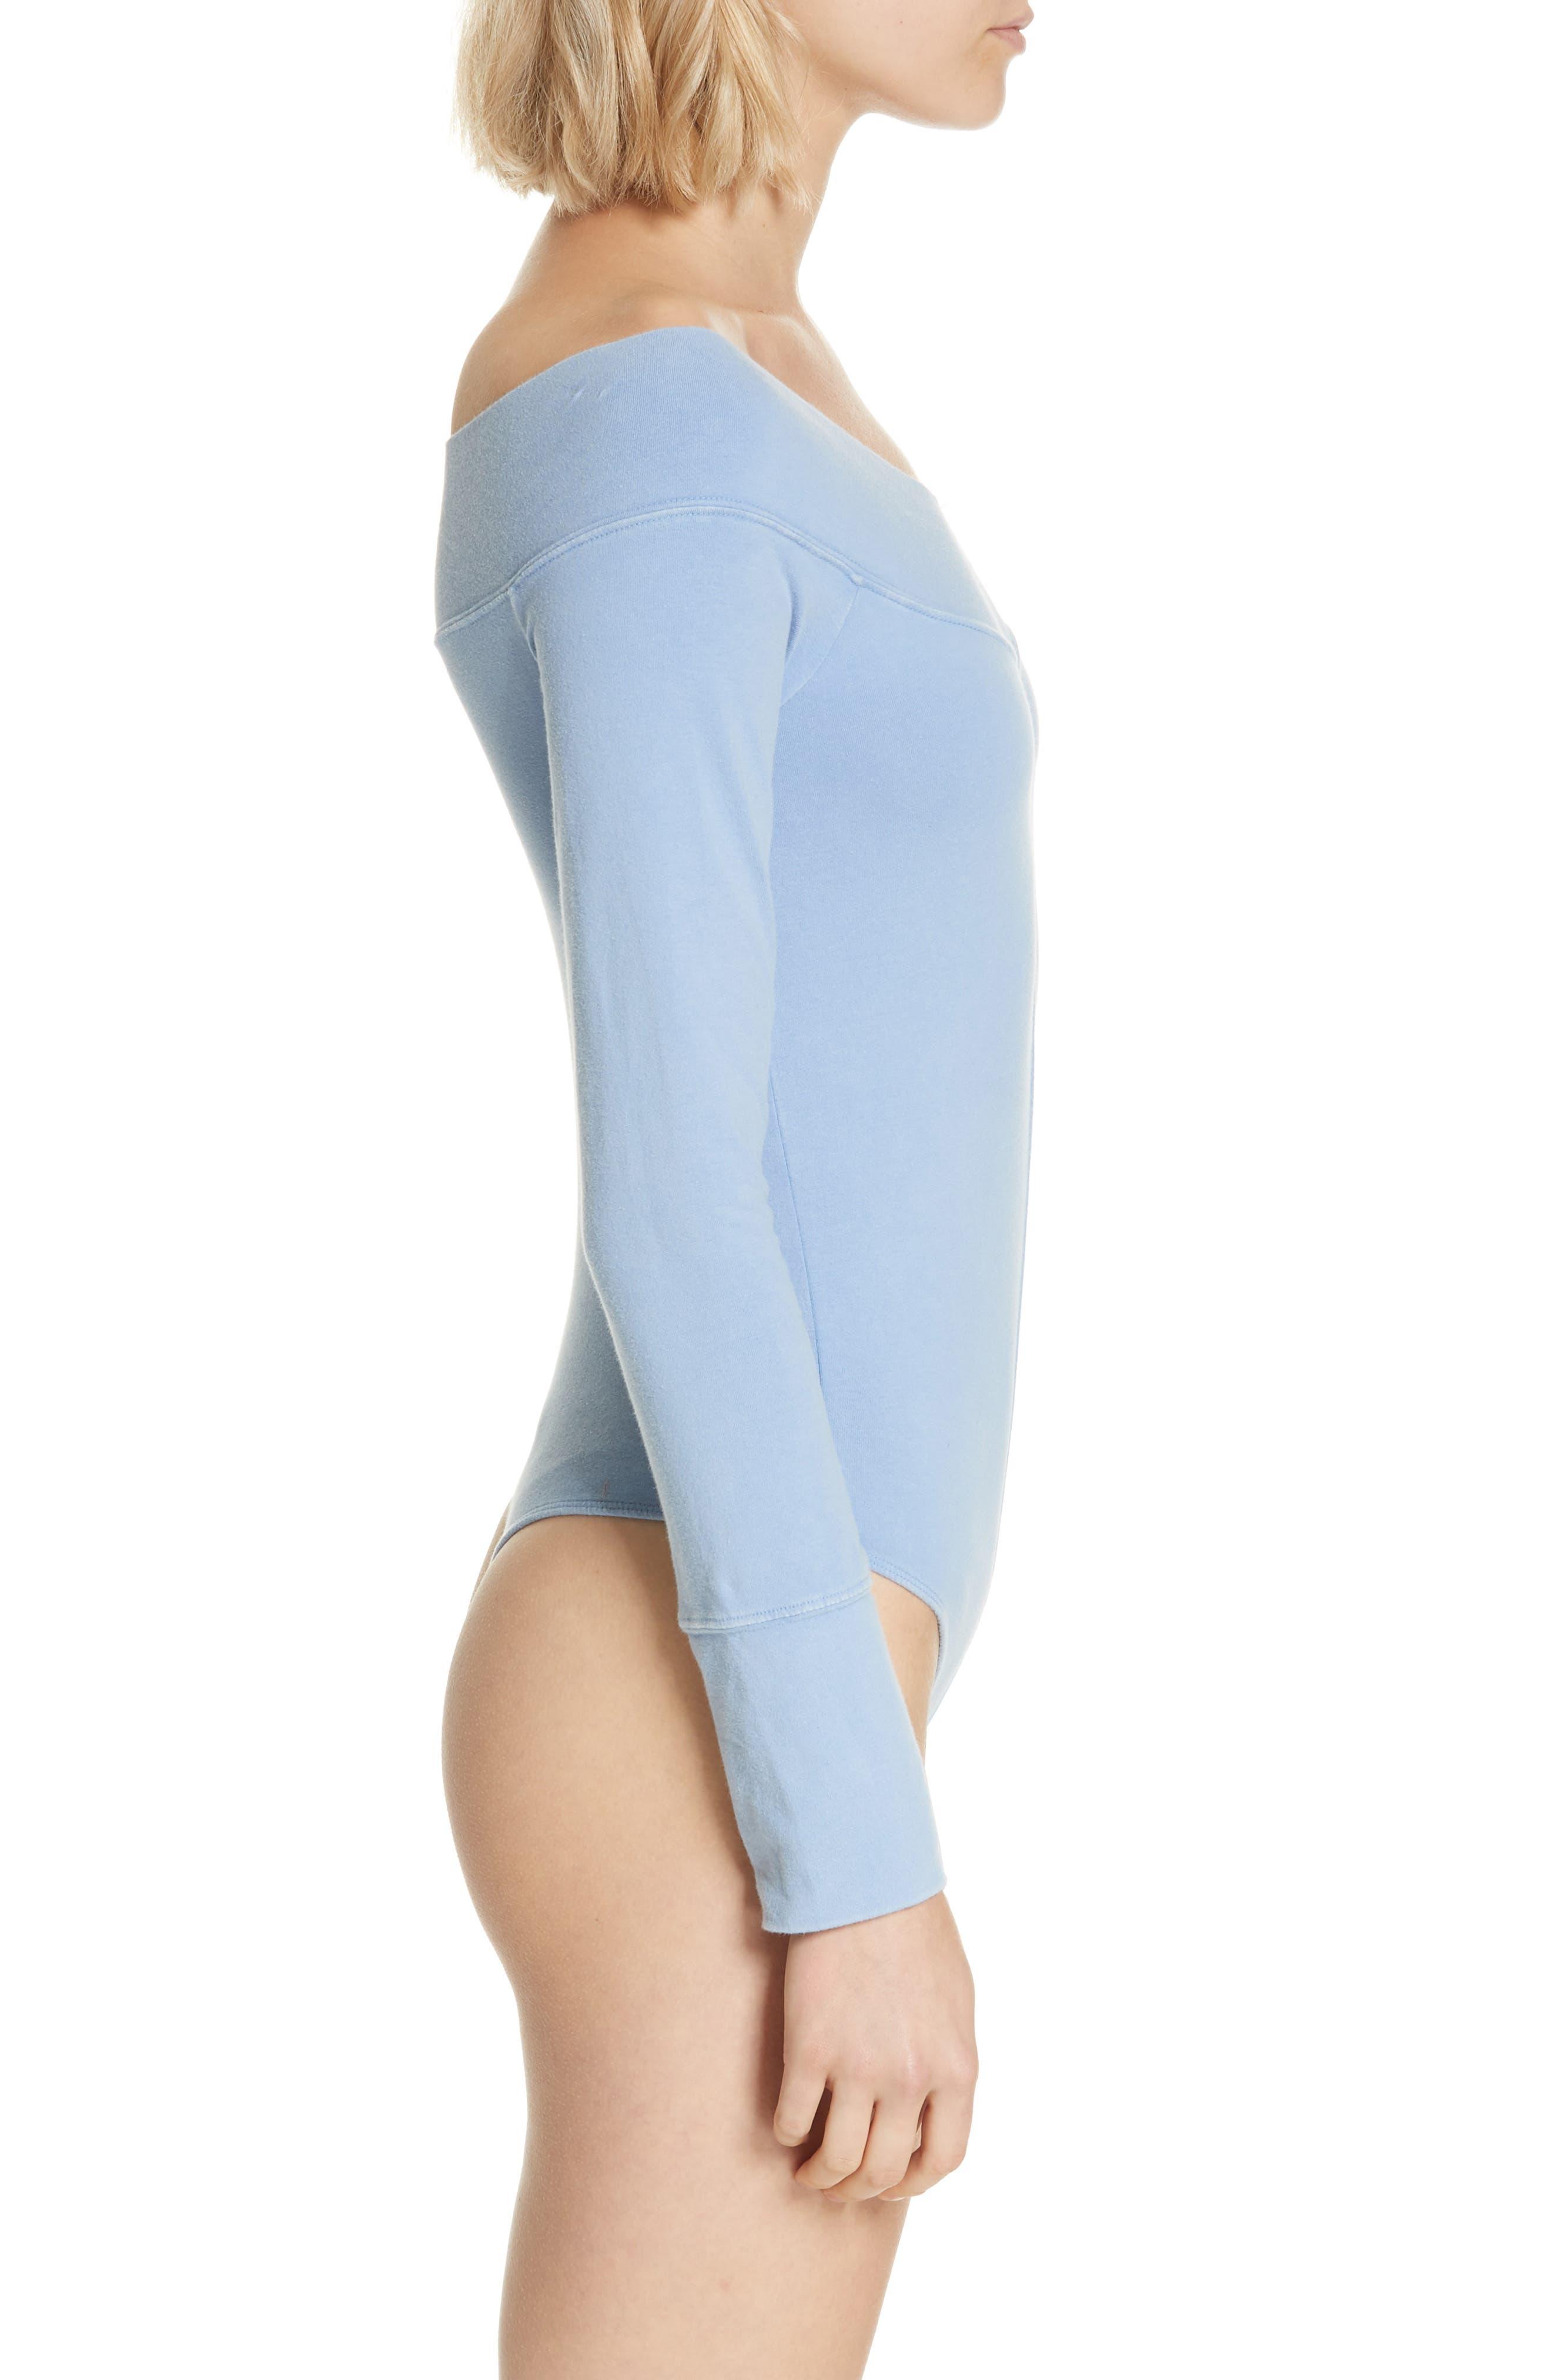 Zone Out Bodysuit,                             Alternate thumbnail 4, color,                             BLUE